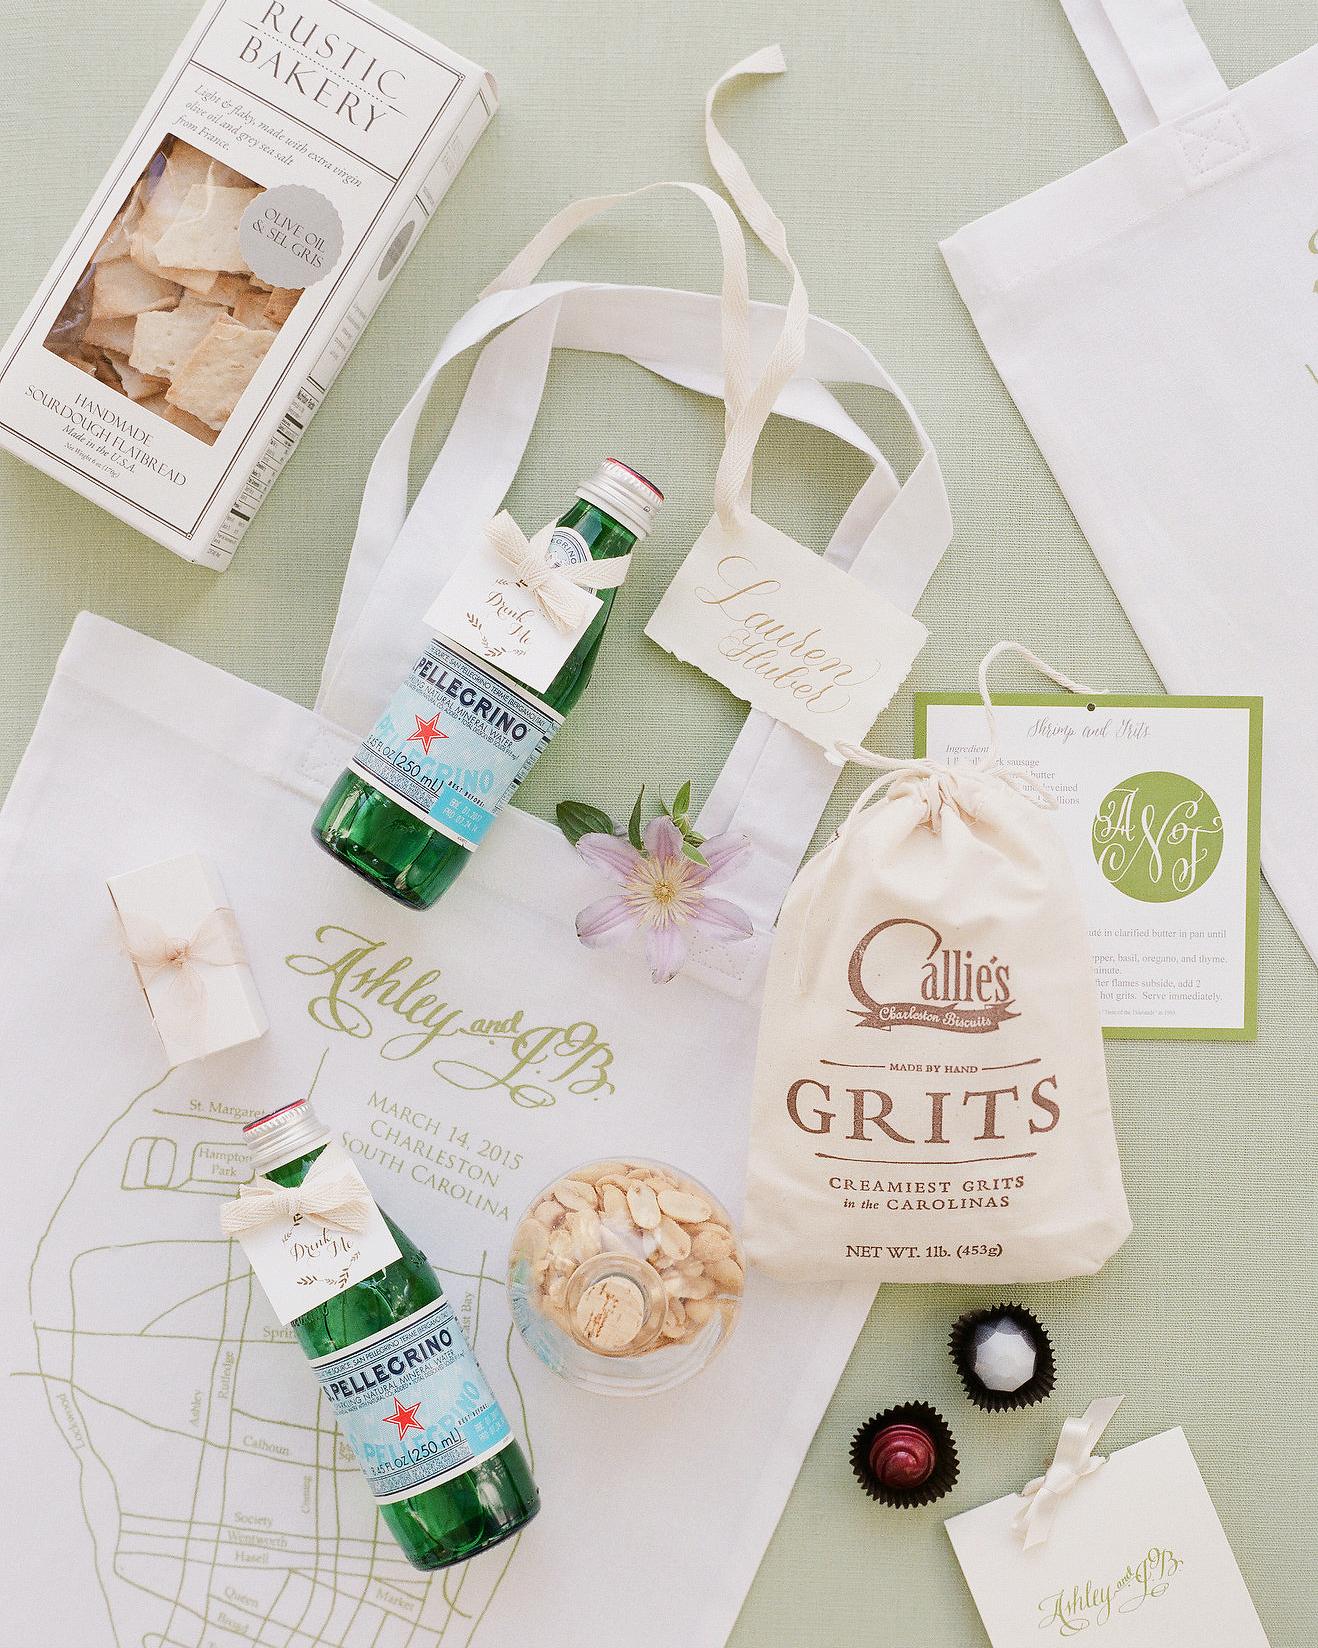 7 Secrets to Amazing Wedding Welcome Gifts